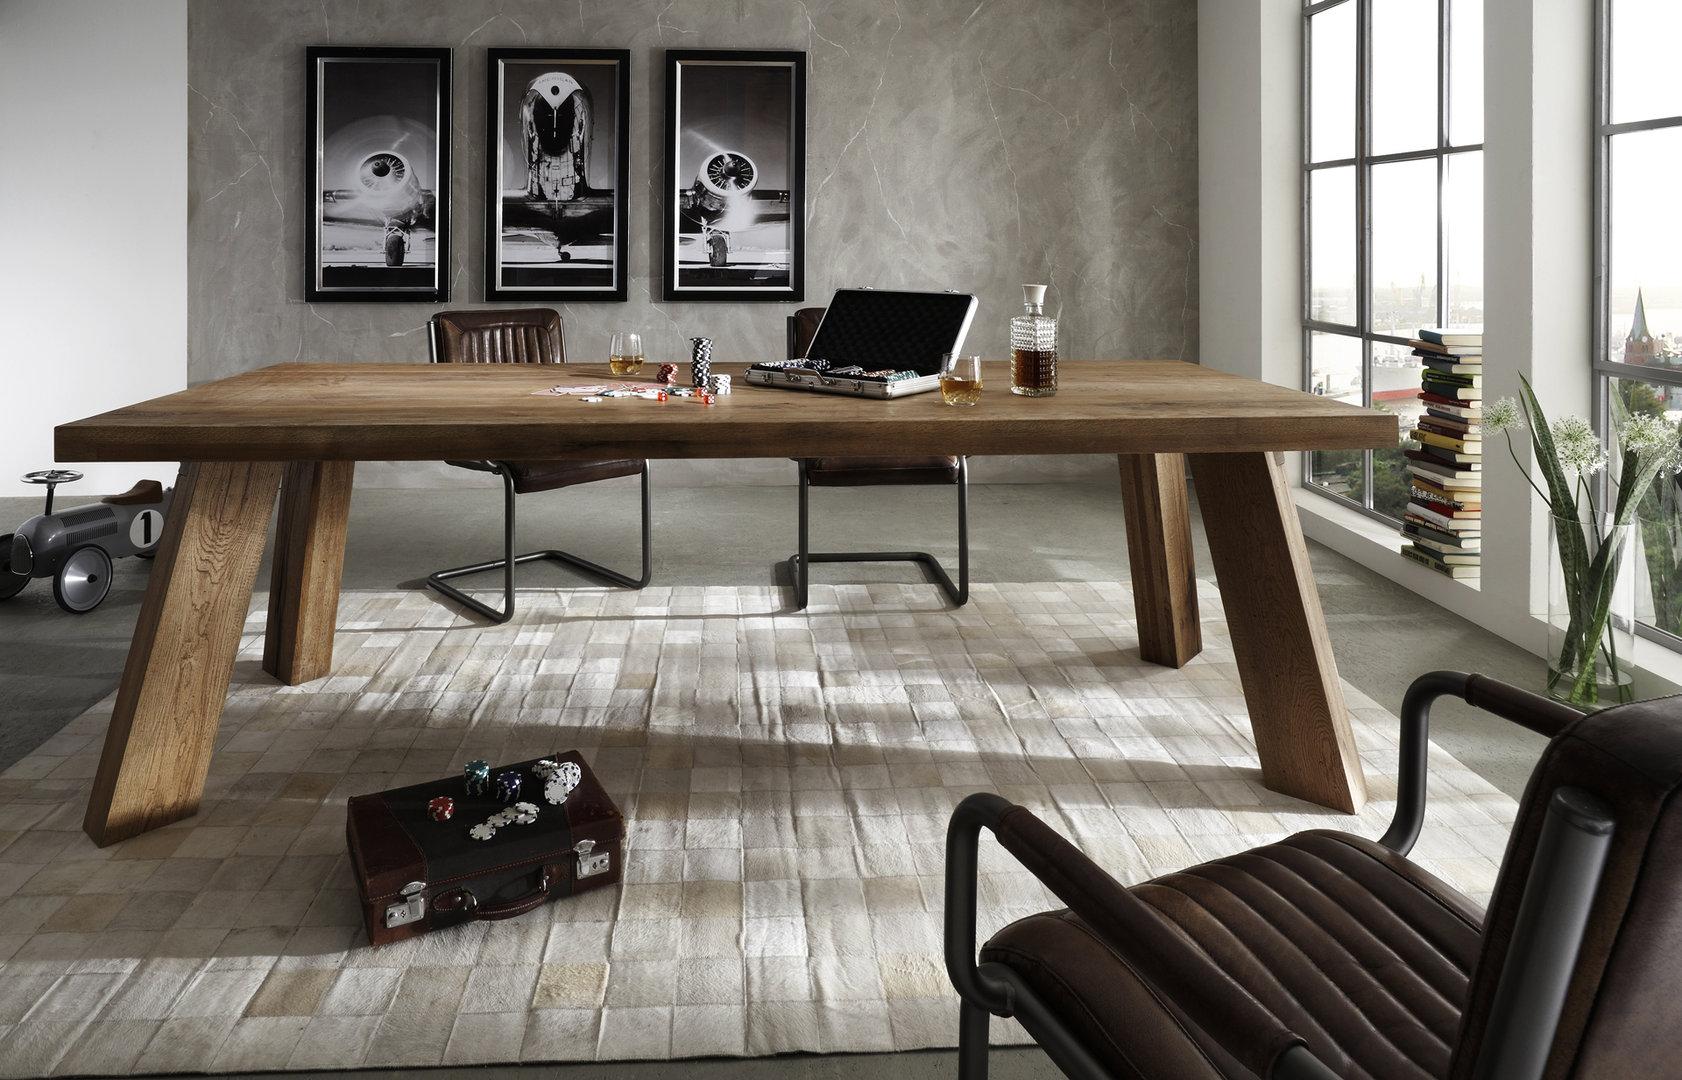 Tavolo da pranzo Monviso, mobile legno massiccio, design moderno